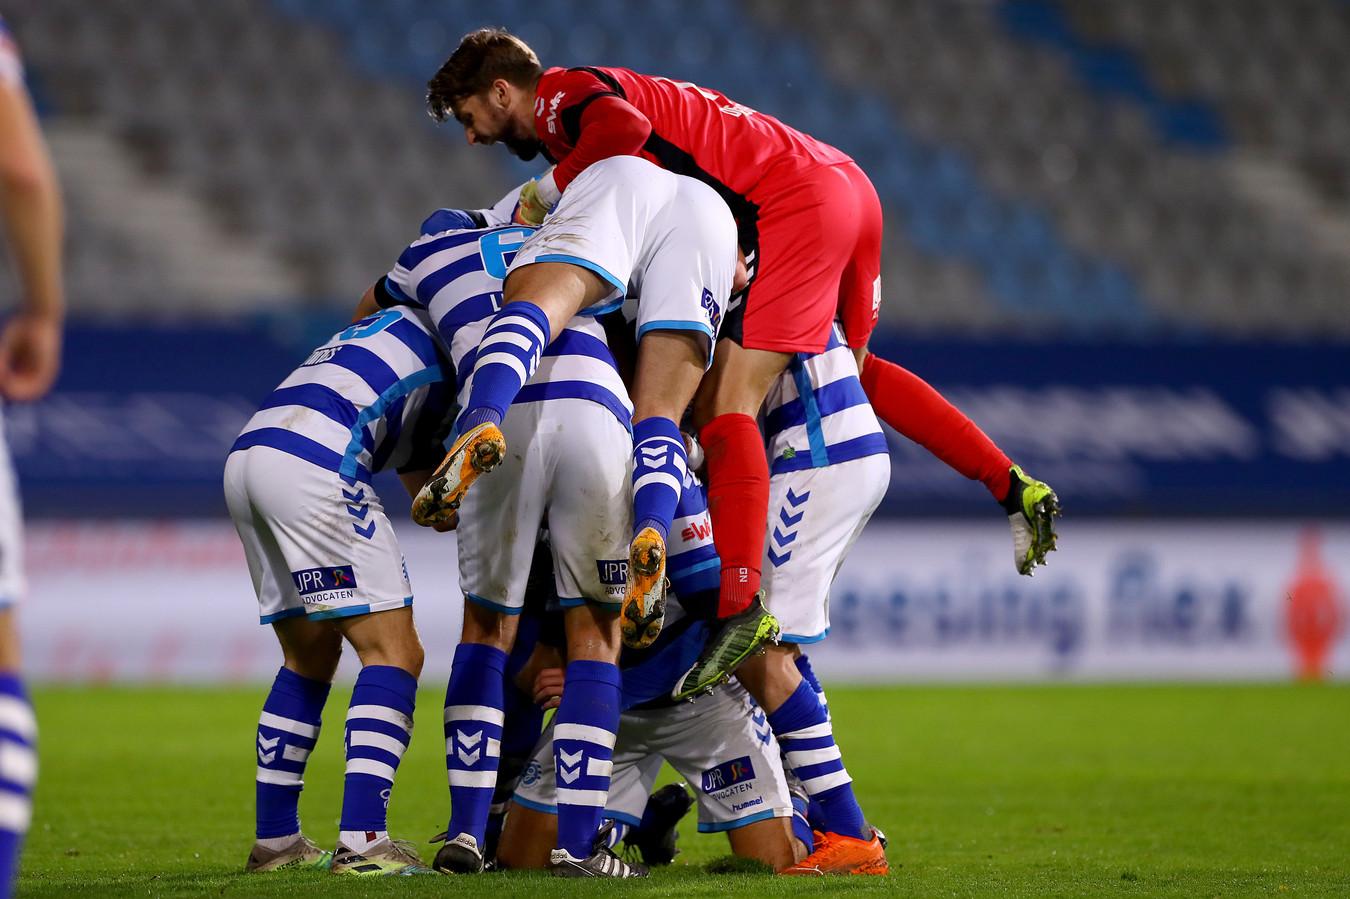 Uitzinnige vreugde bij De Graafschap na de late 2-1.